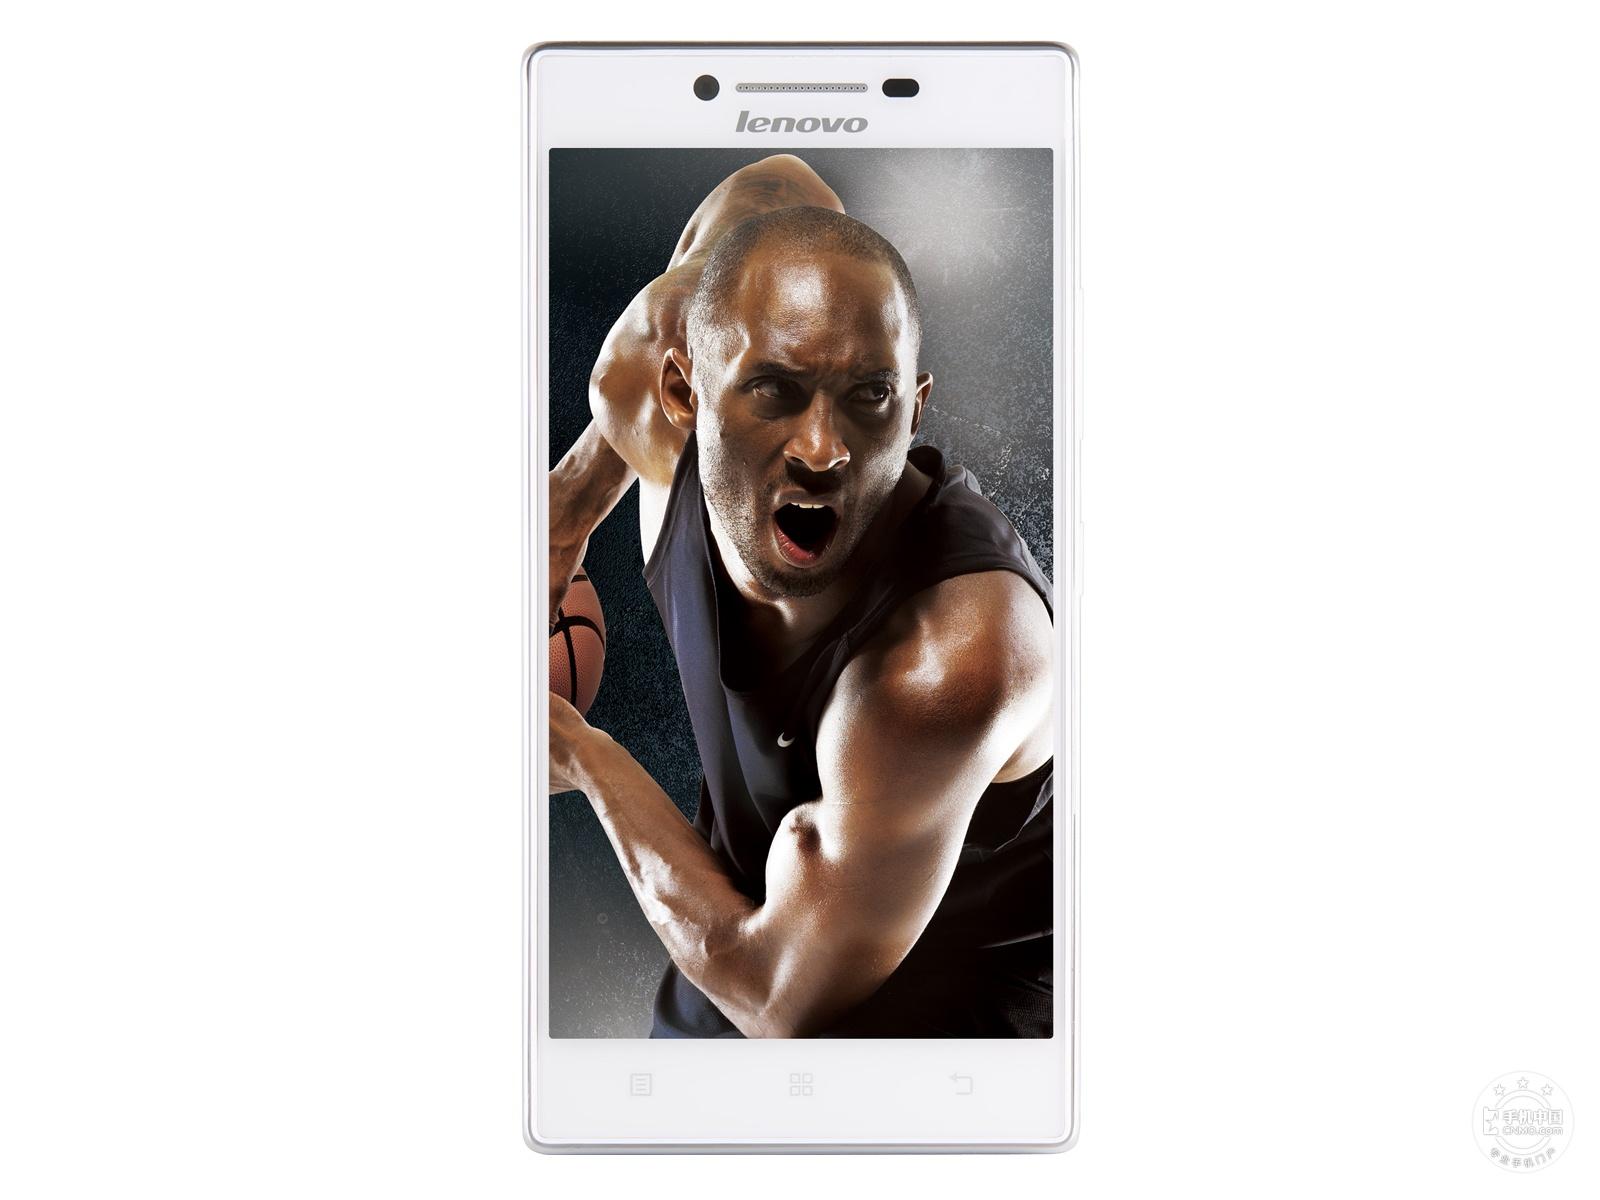 联想P70(16GB)产品本身外观第3张